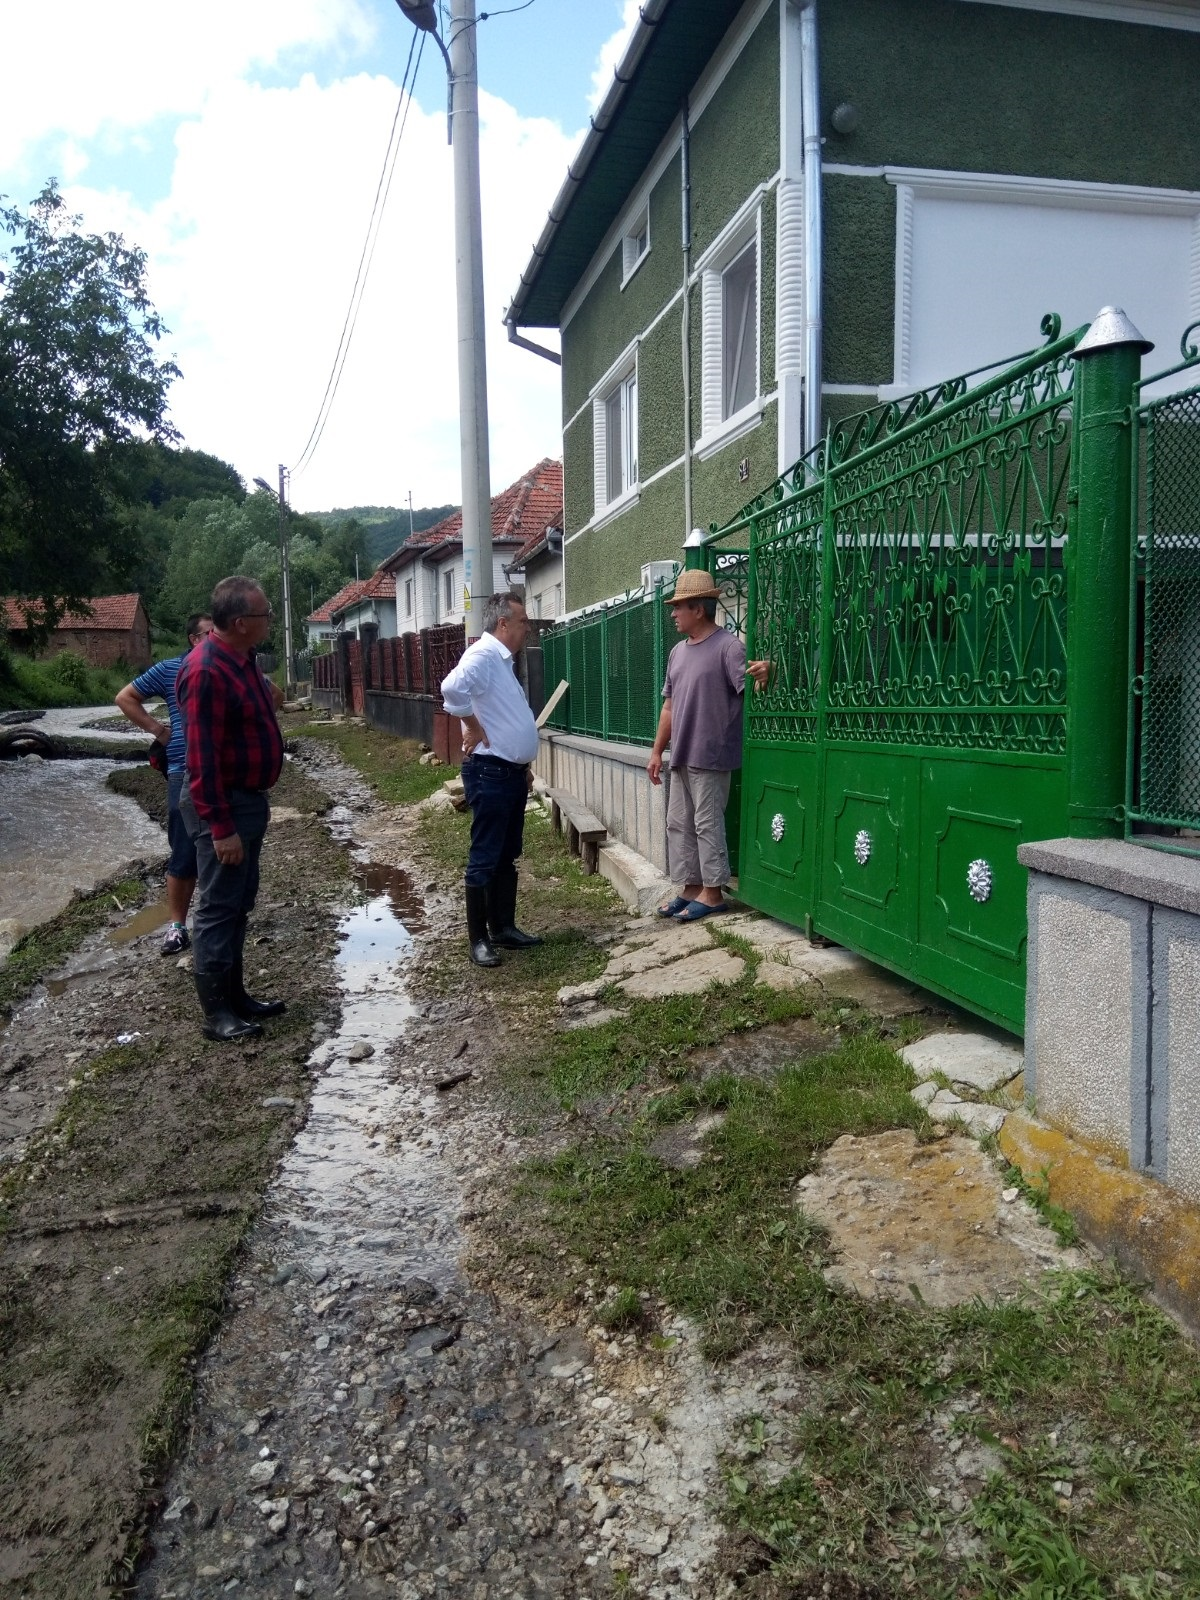 gospodării, FOTO| Ploile torenţiale au creat, din nou, probleme în judeţ. Mai multe gospodării din Silvaşu de Sus au fost inundate